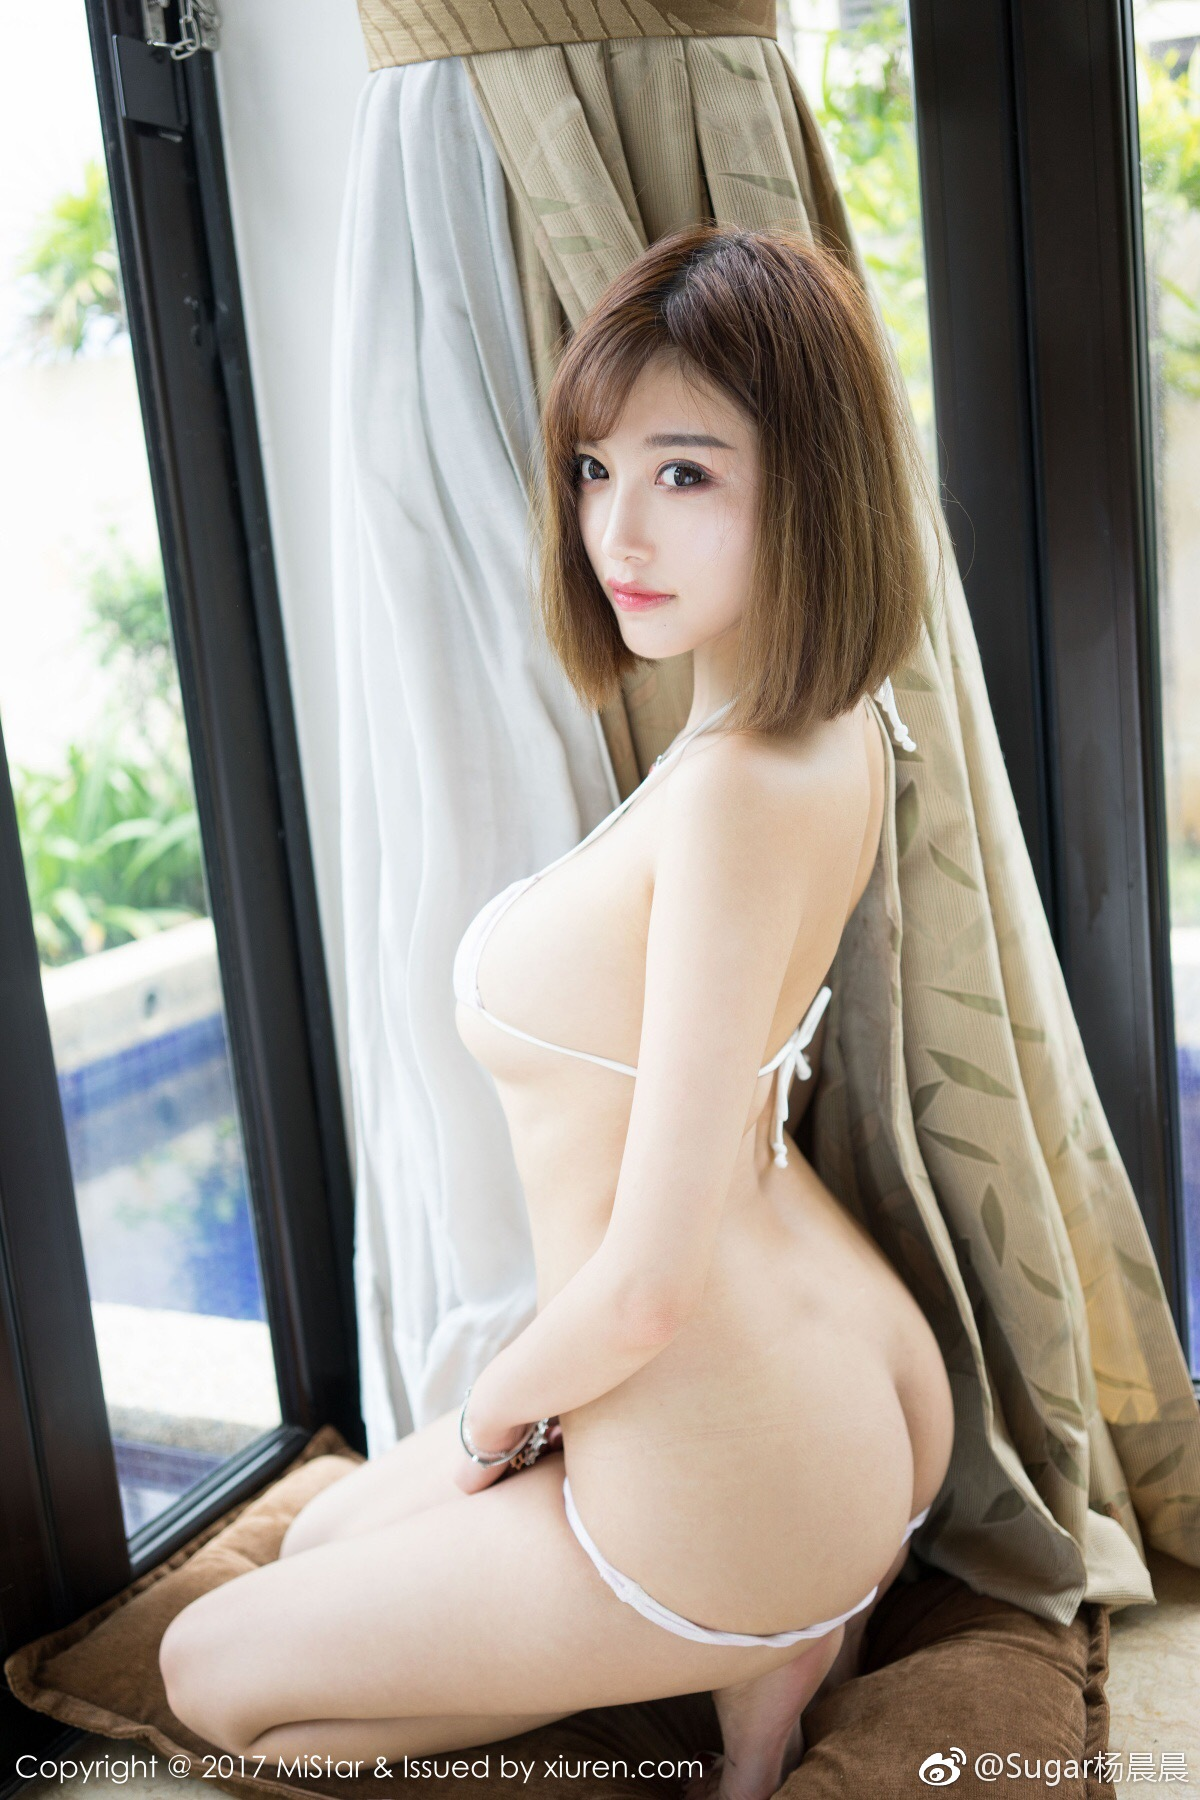 Sugar杨晨晨短发女生也可以性感和可爱[二哈]全套图下_美女福利图片(图7)